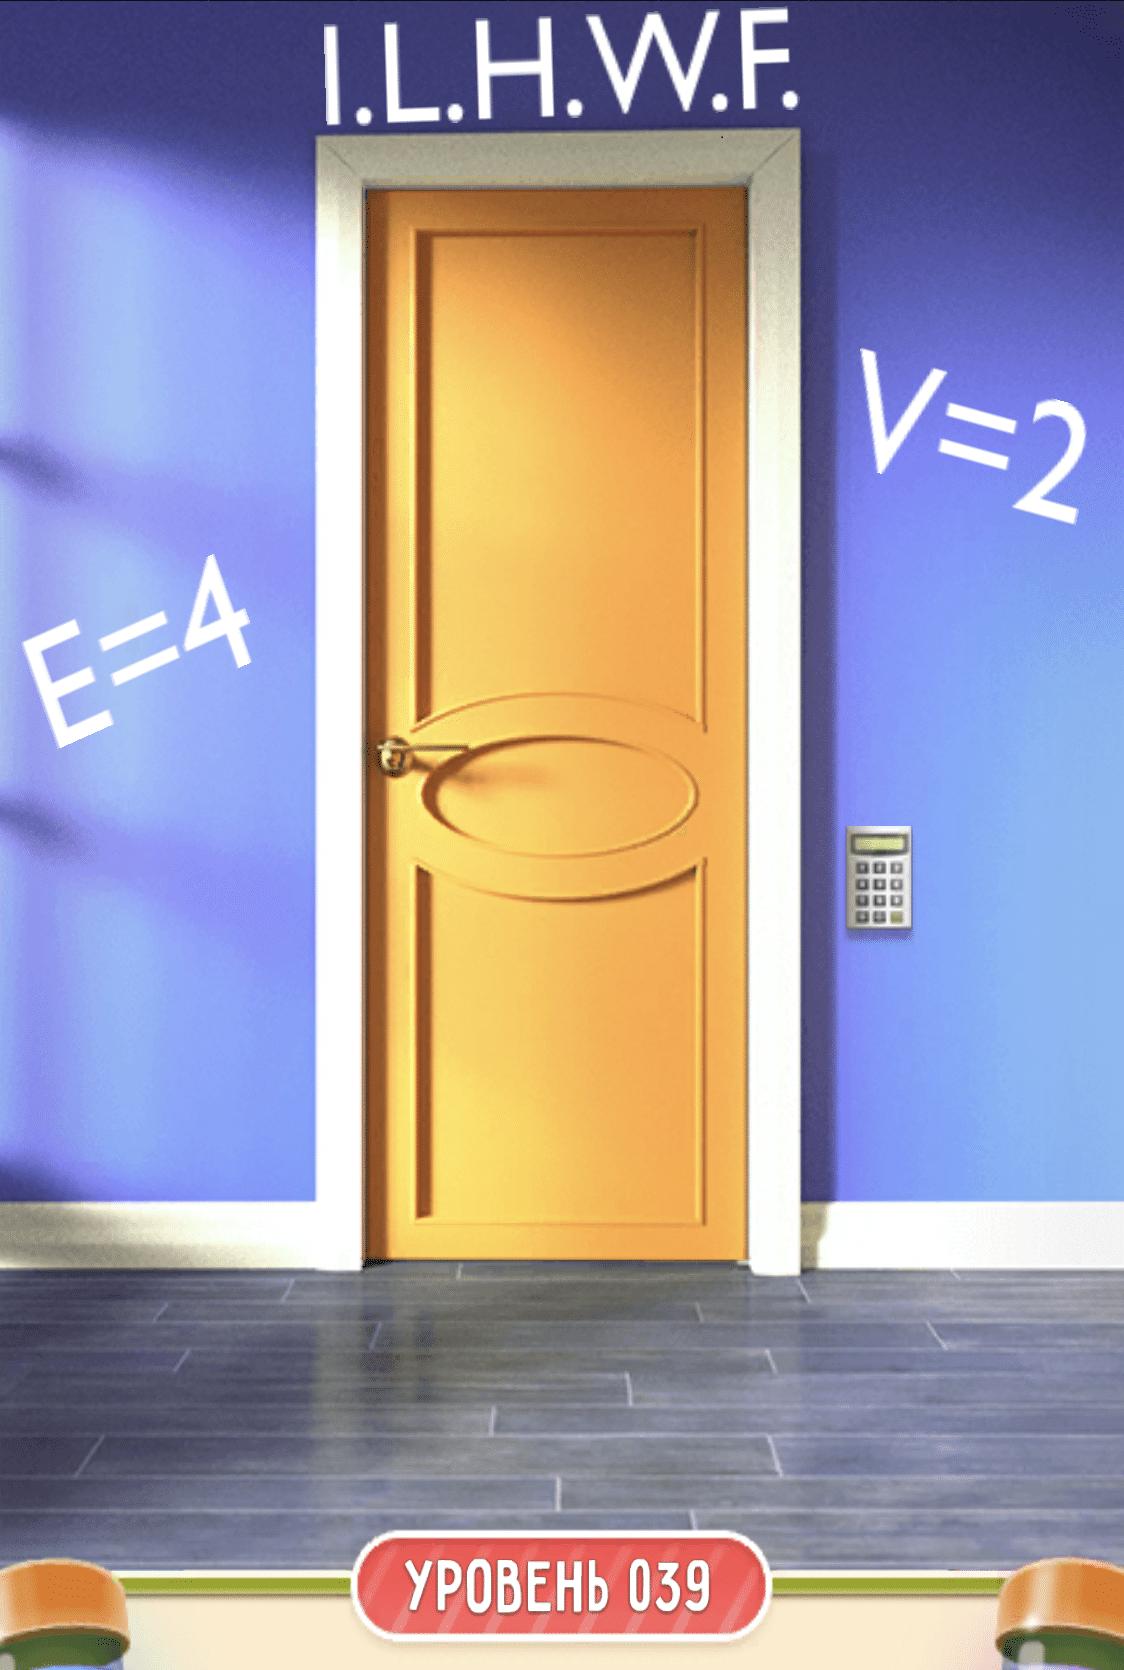 На стена написаны уравнения E=4; V=2. Пароль к электронному замку скрывается за словом I.L.H.W.F. Линии букв скрывают, за собой цифры. Ответ: I - 1; L - 2; H - 3; W - 4; F - 3.